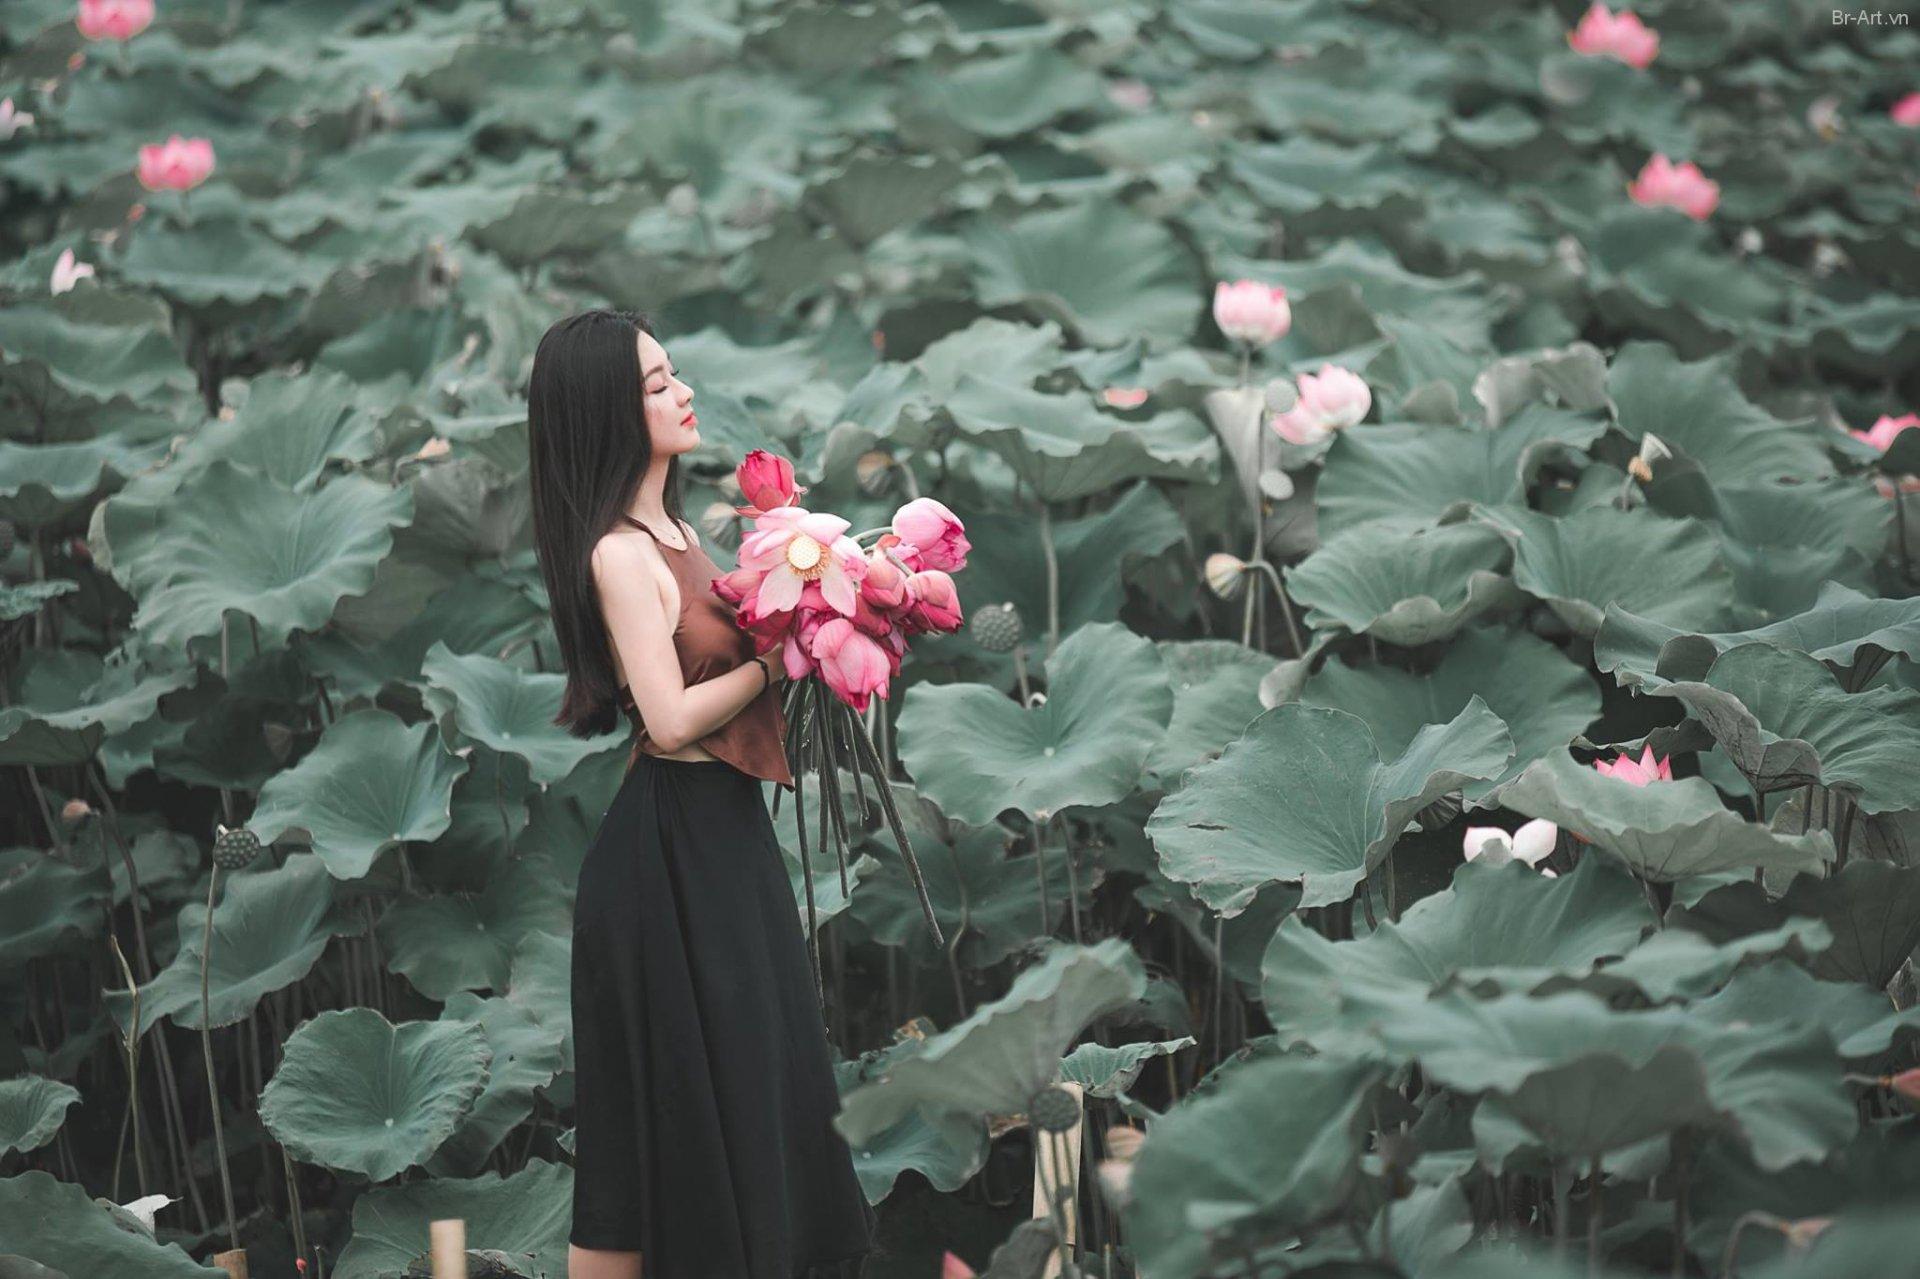 chup anh hoa sen 8